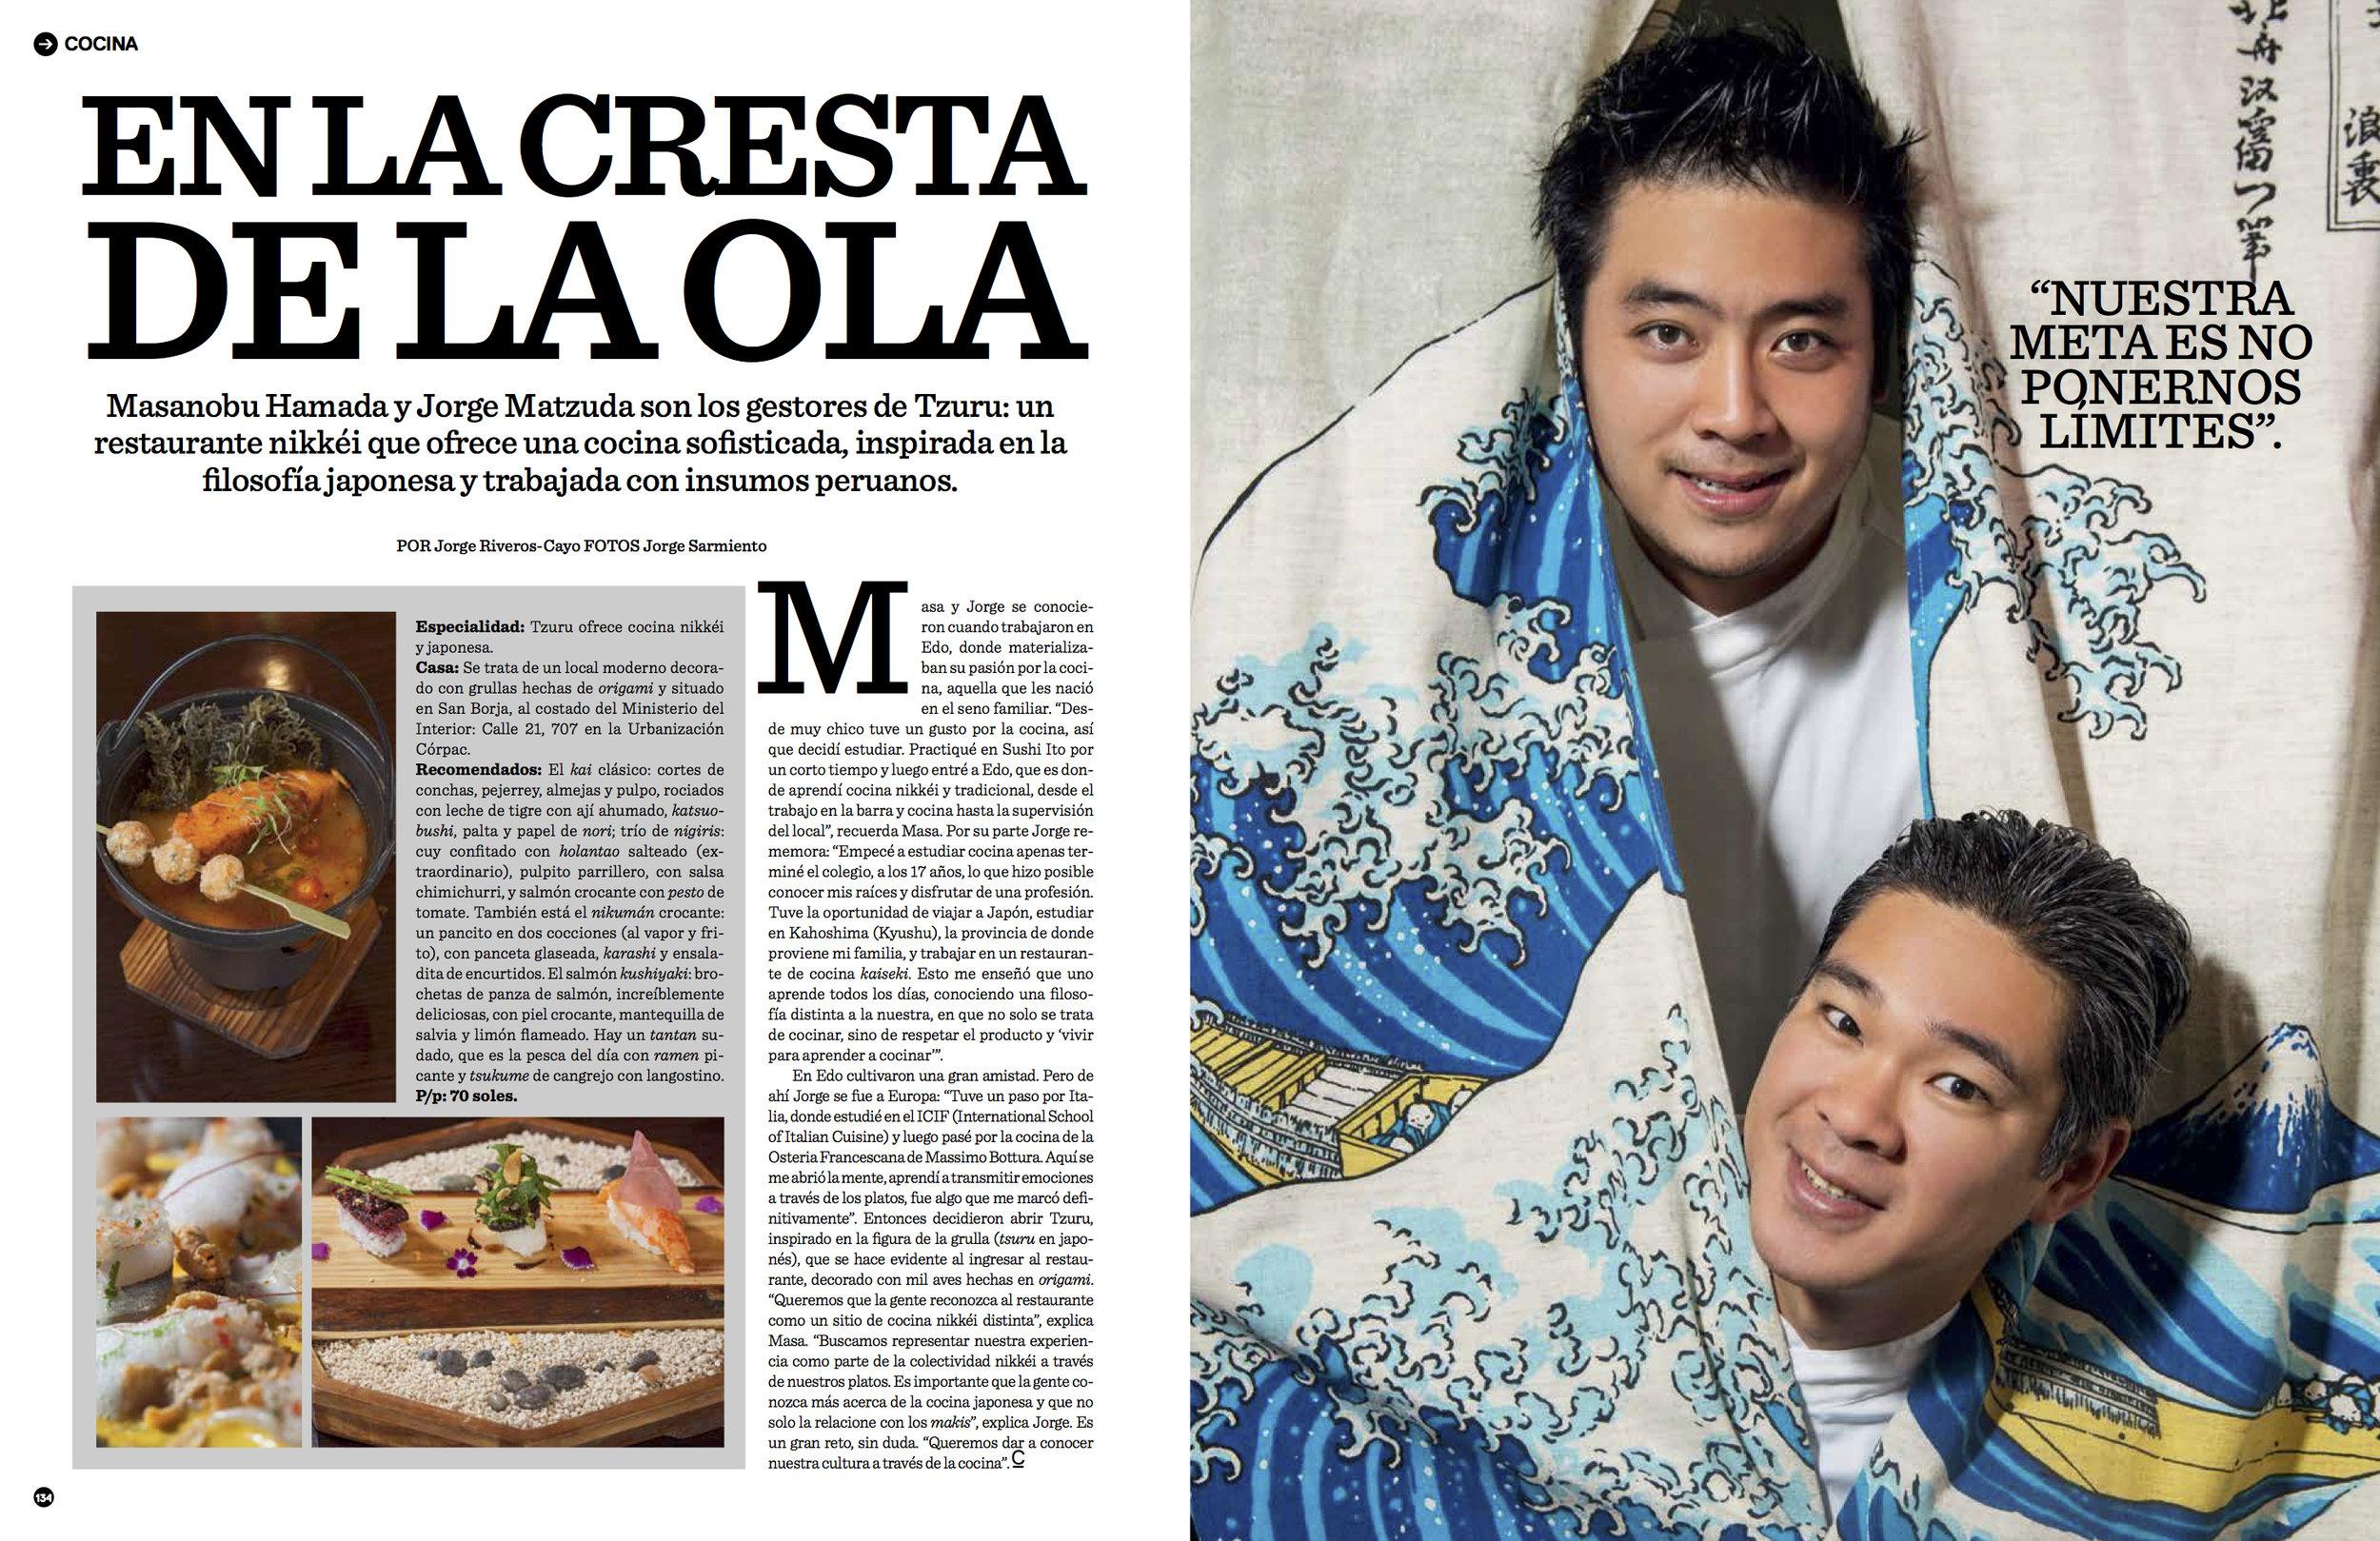 Nota Revista Caras.jpg